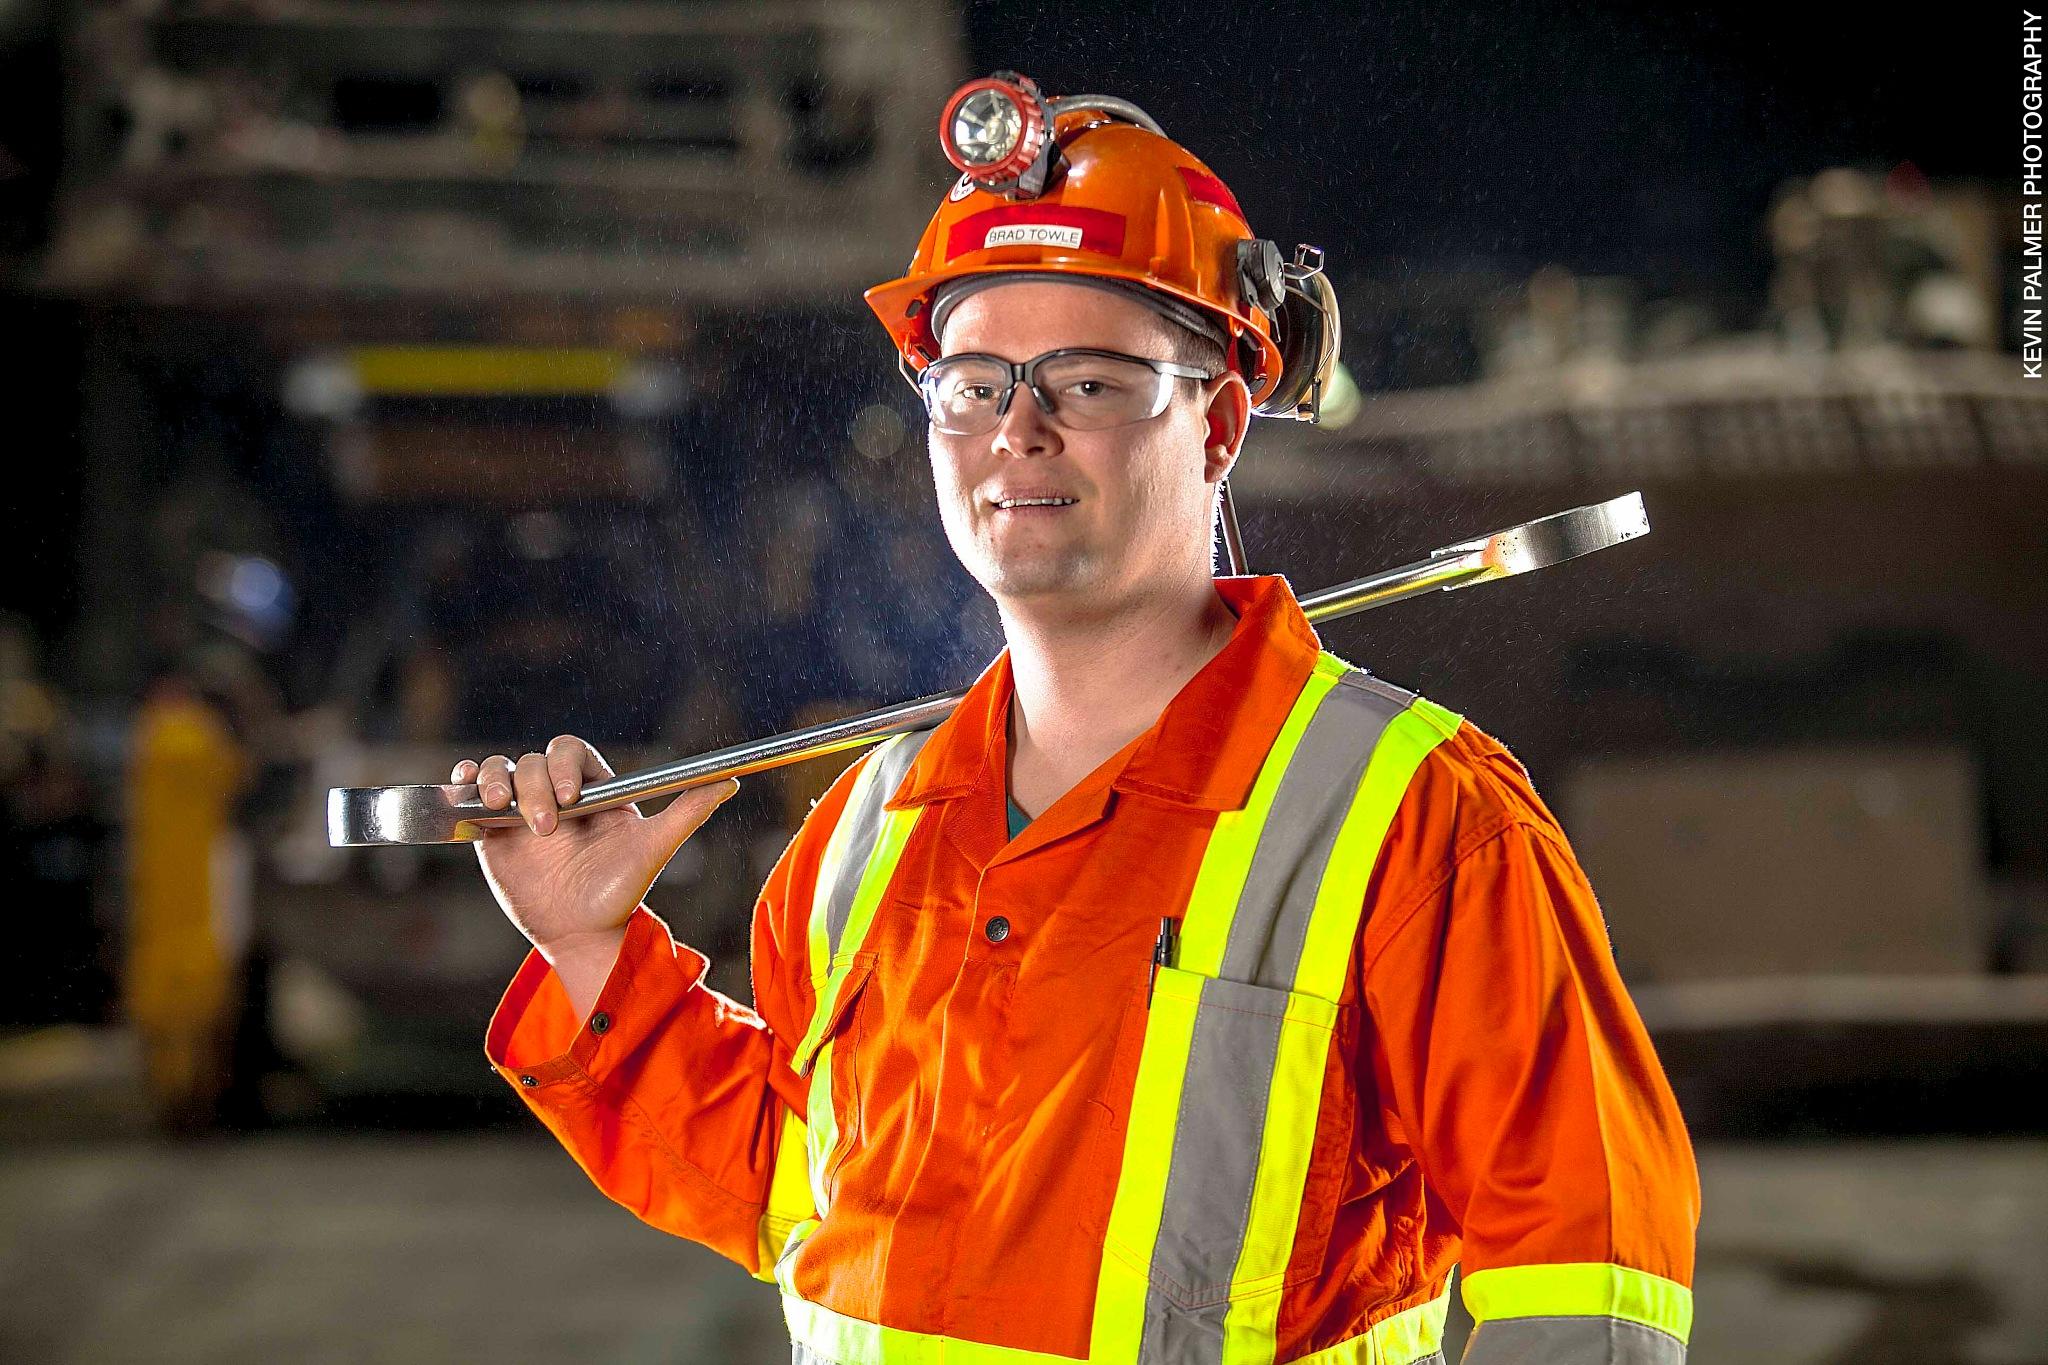 Underground Mechanic @ Mine by Kevin Palmer RPM